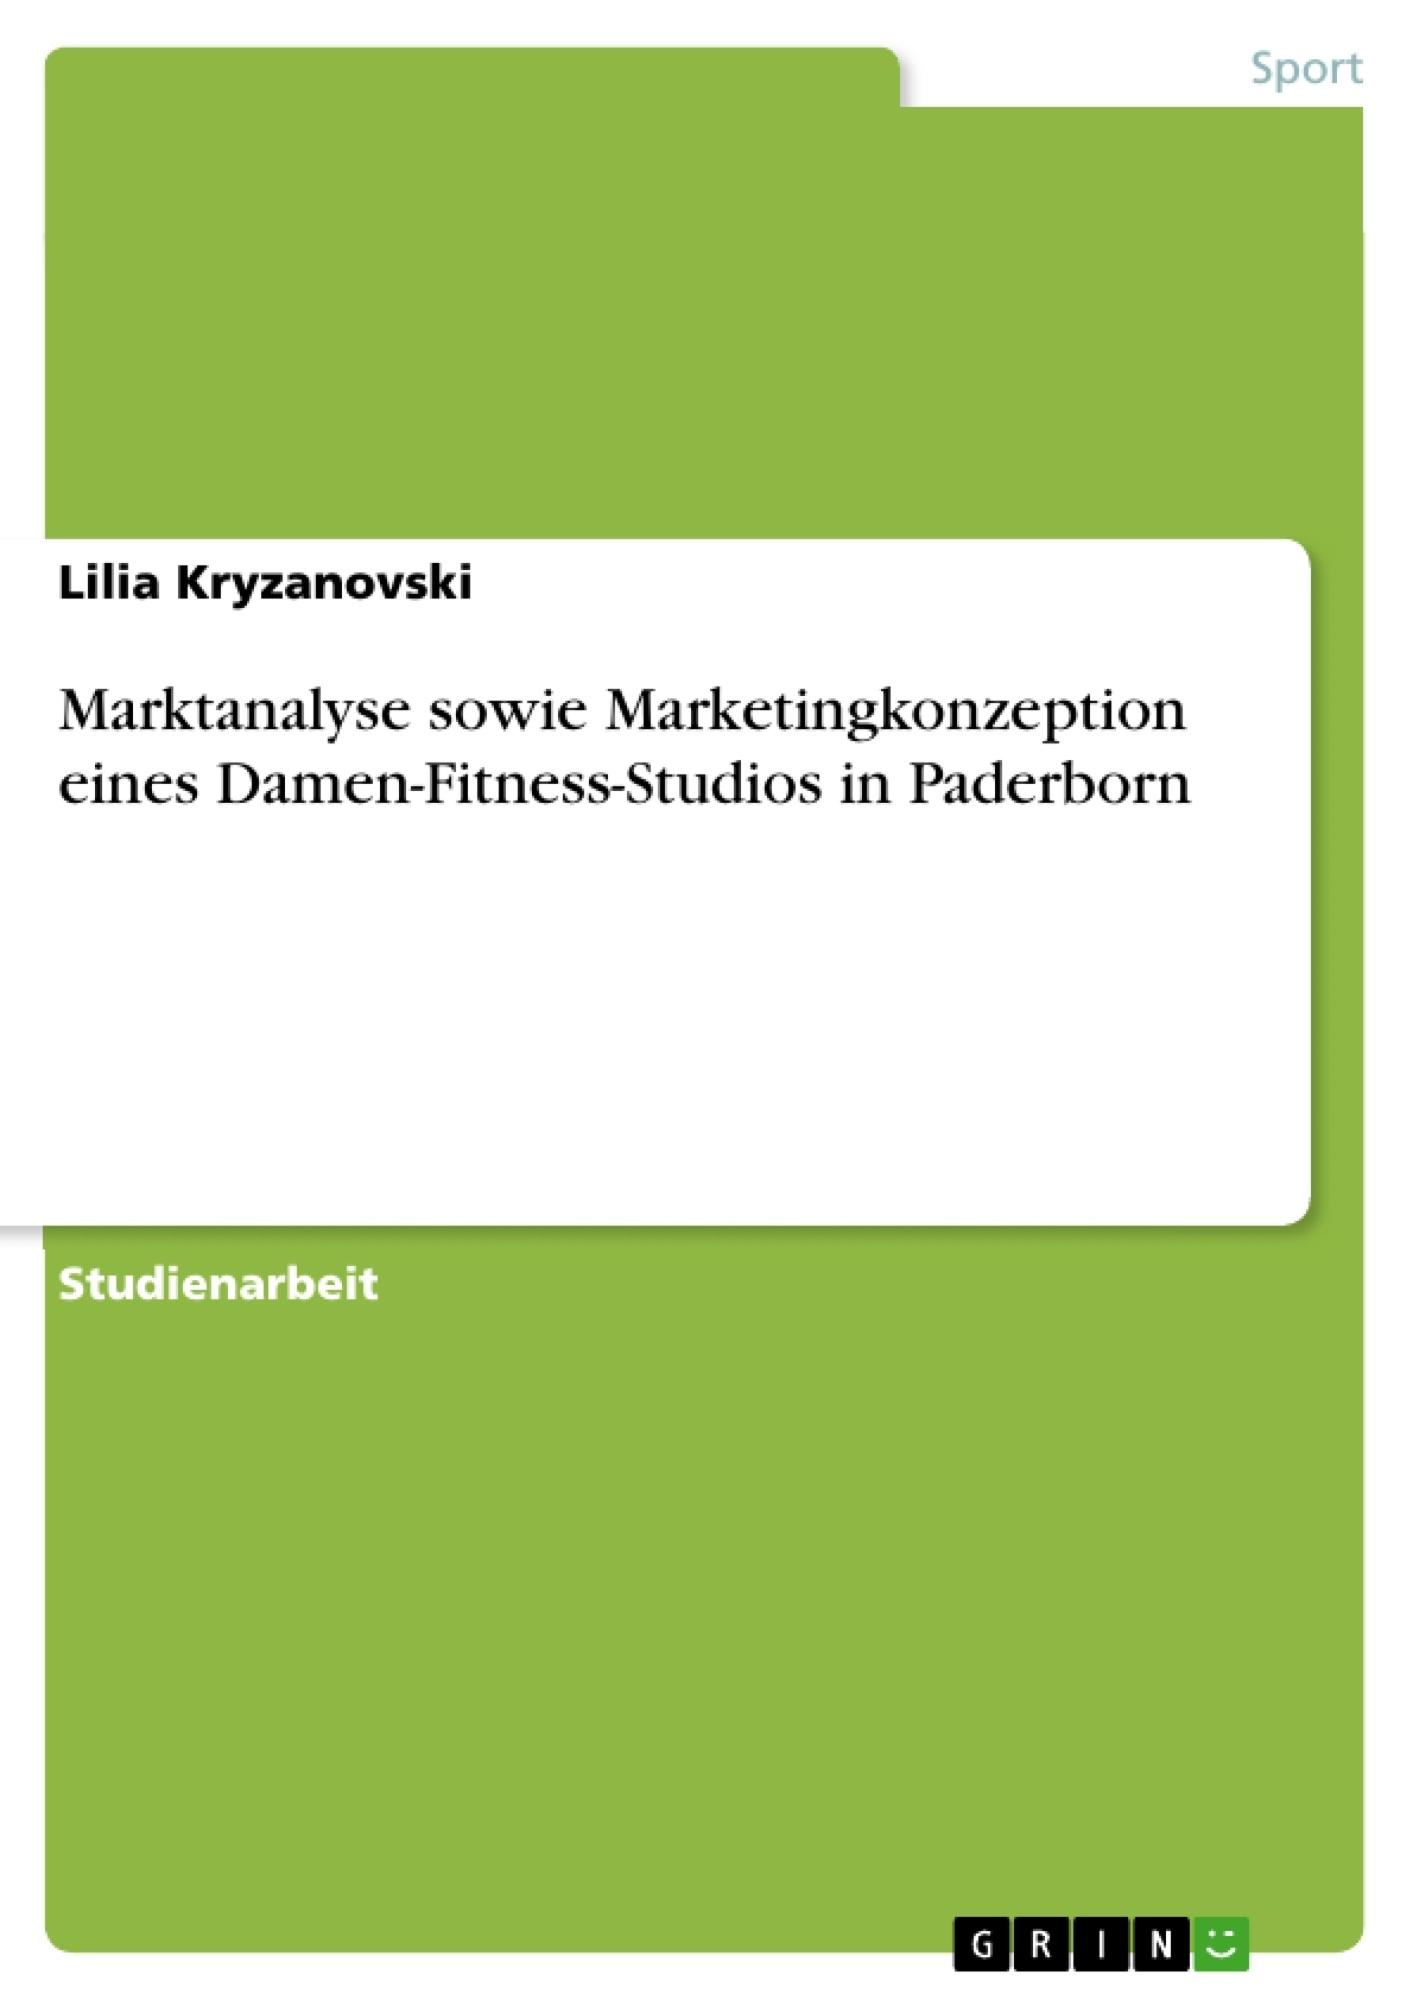 Titel: Marktanalyse sowie Marketingkonzeption eines Damen-Fitness-Studios in Paderborn